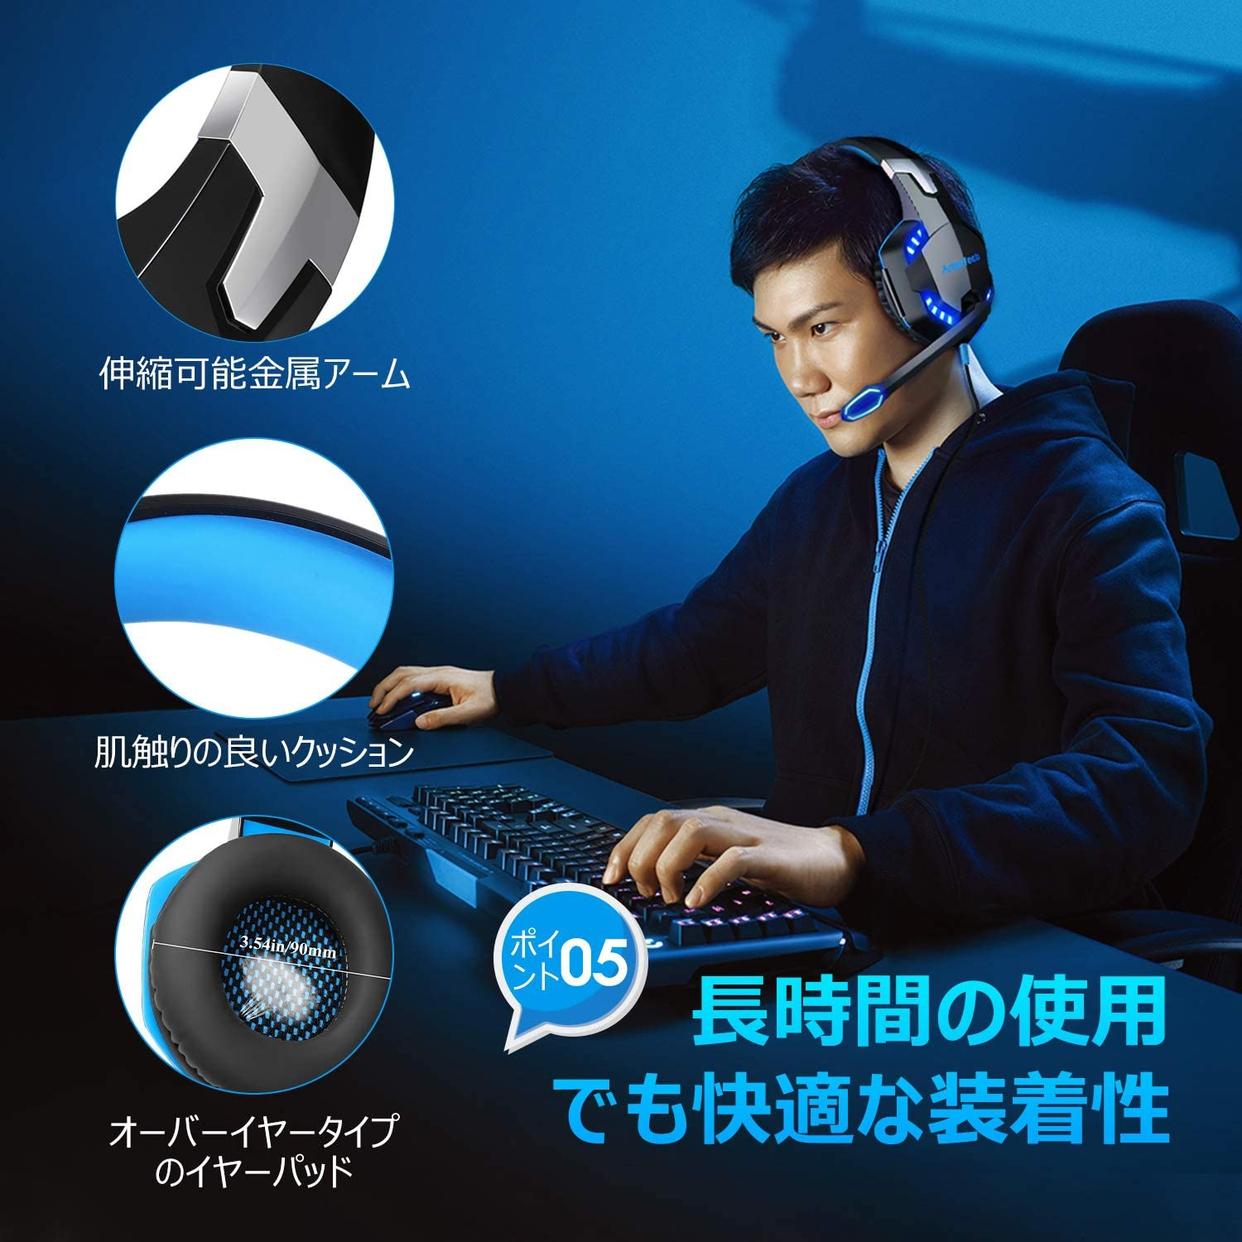 ARKARTECH(アーカーテック) ゲーミングヘッドセット G2000の商品画像6